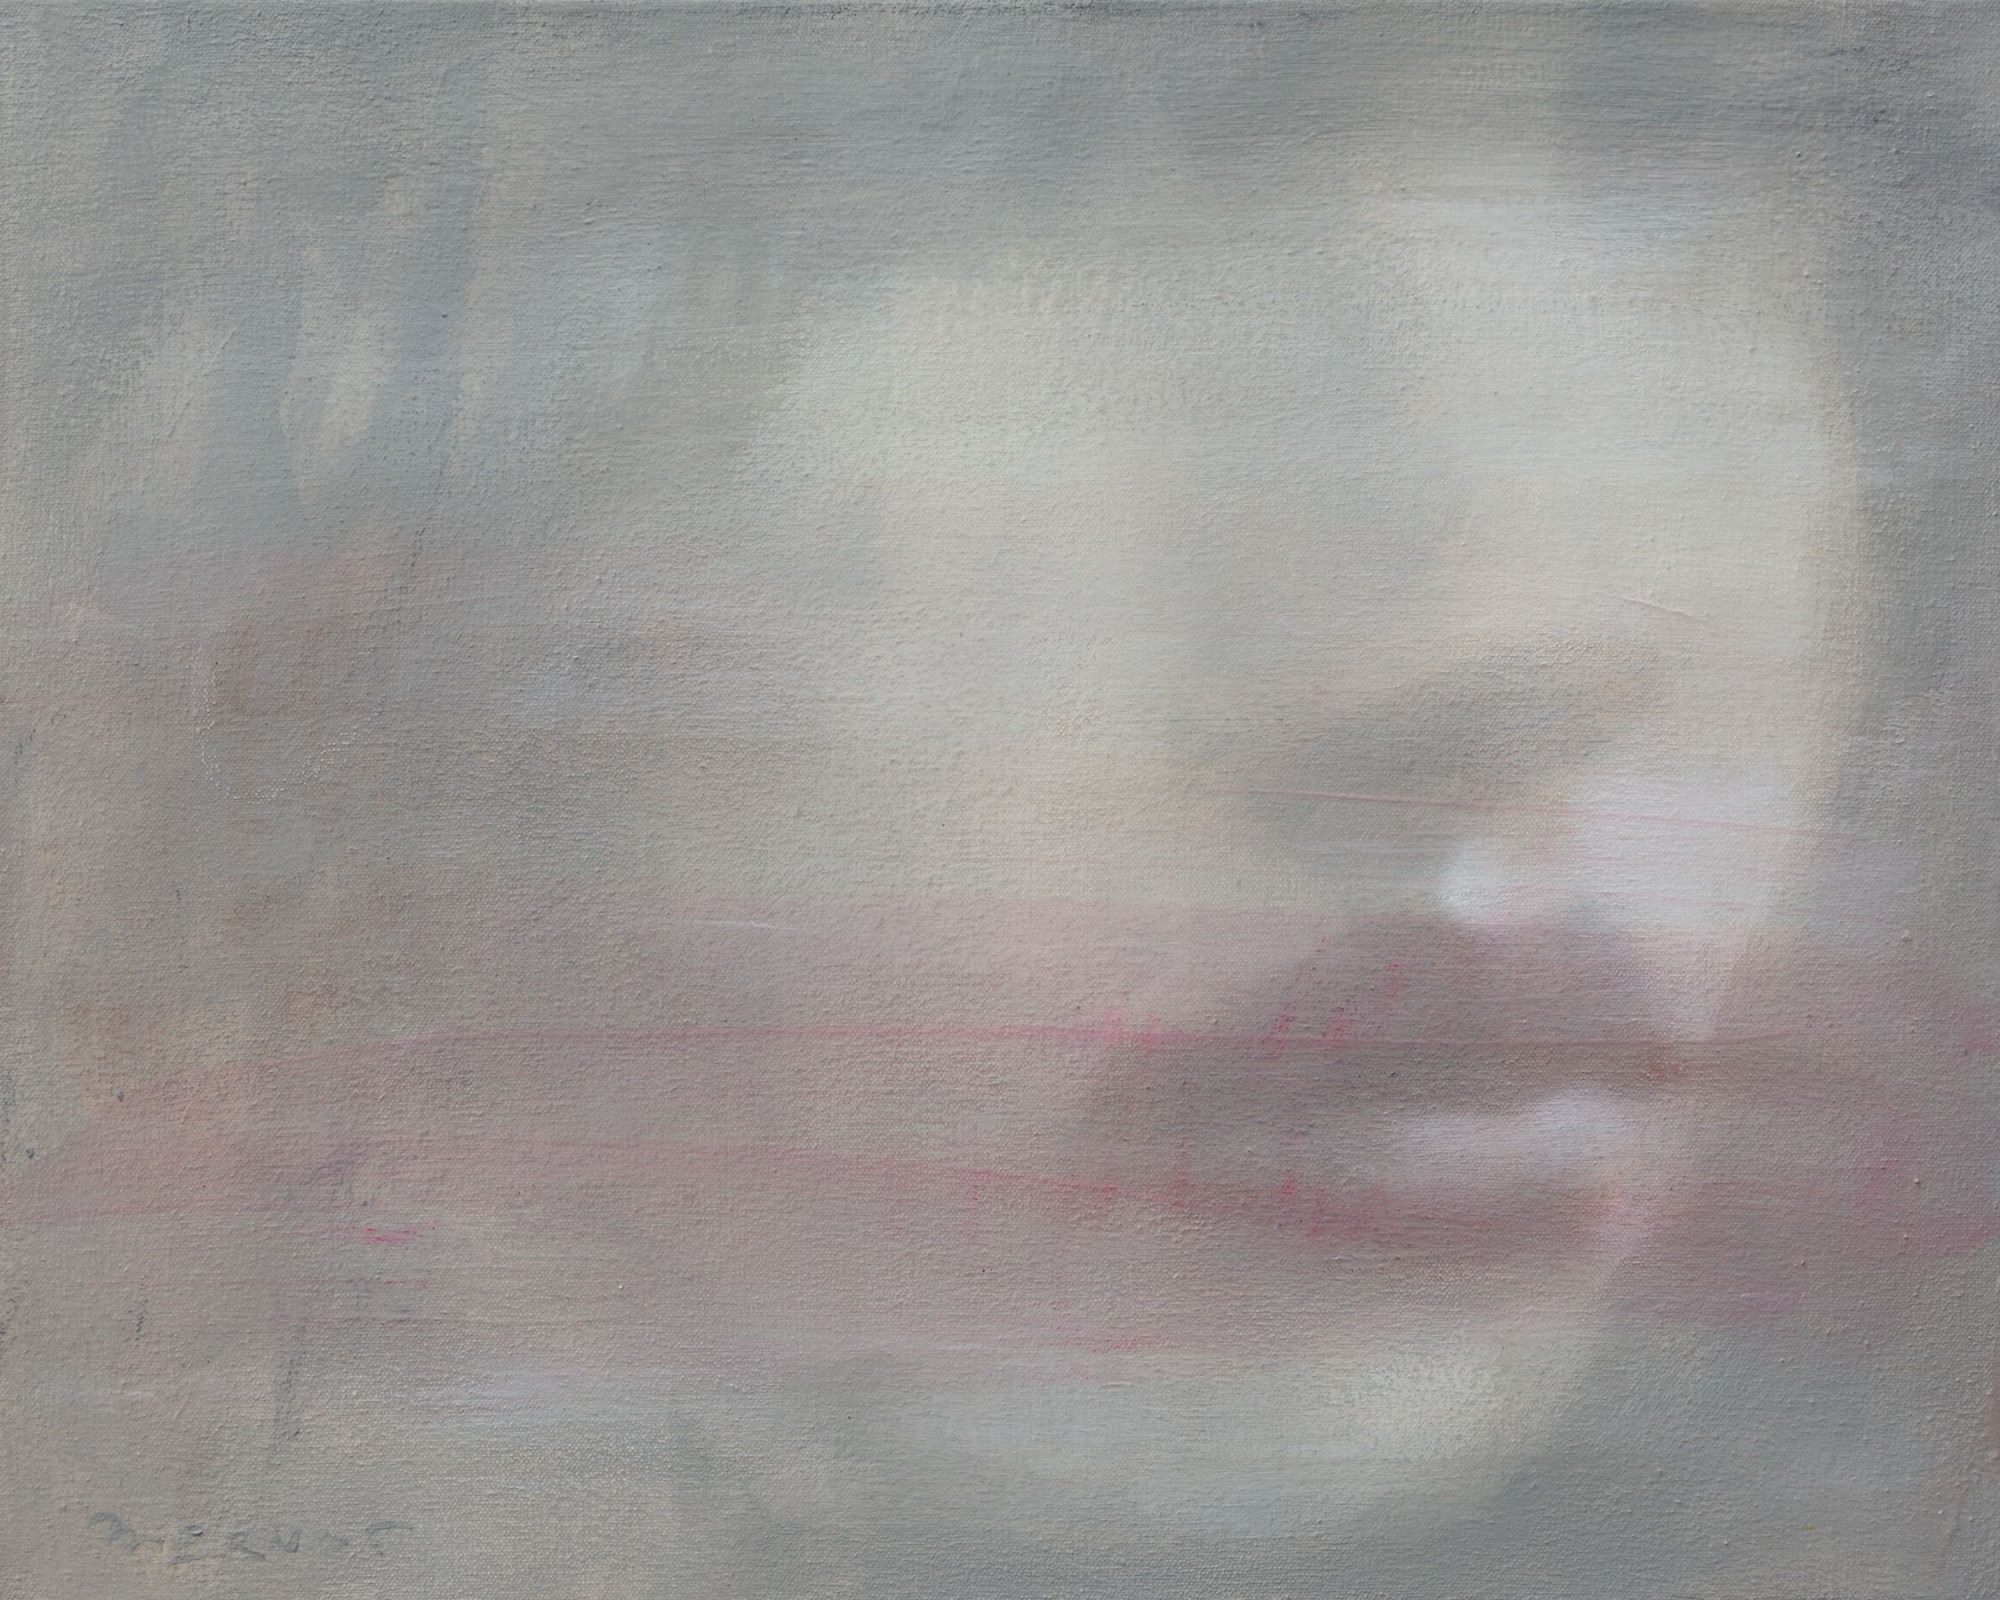 Unforeseen III by Tadeusz Biernot